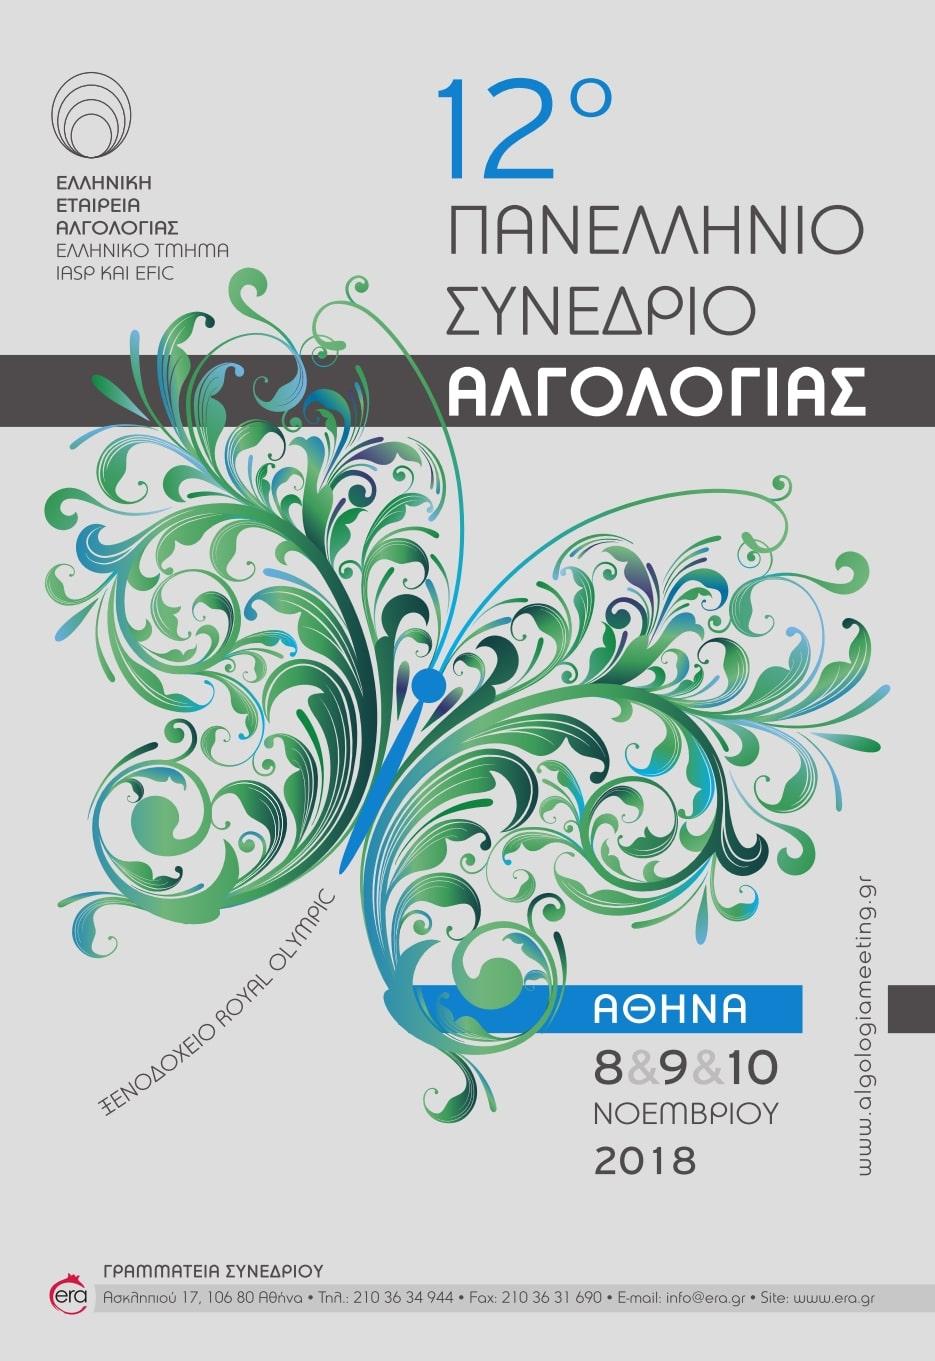 12ο Πανελλήνιο Συνέδριο Αλγολογίας | ERA Ltd. Congress Organizers